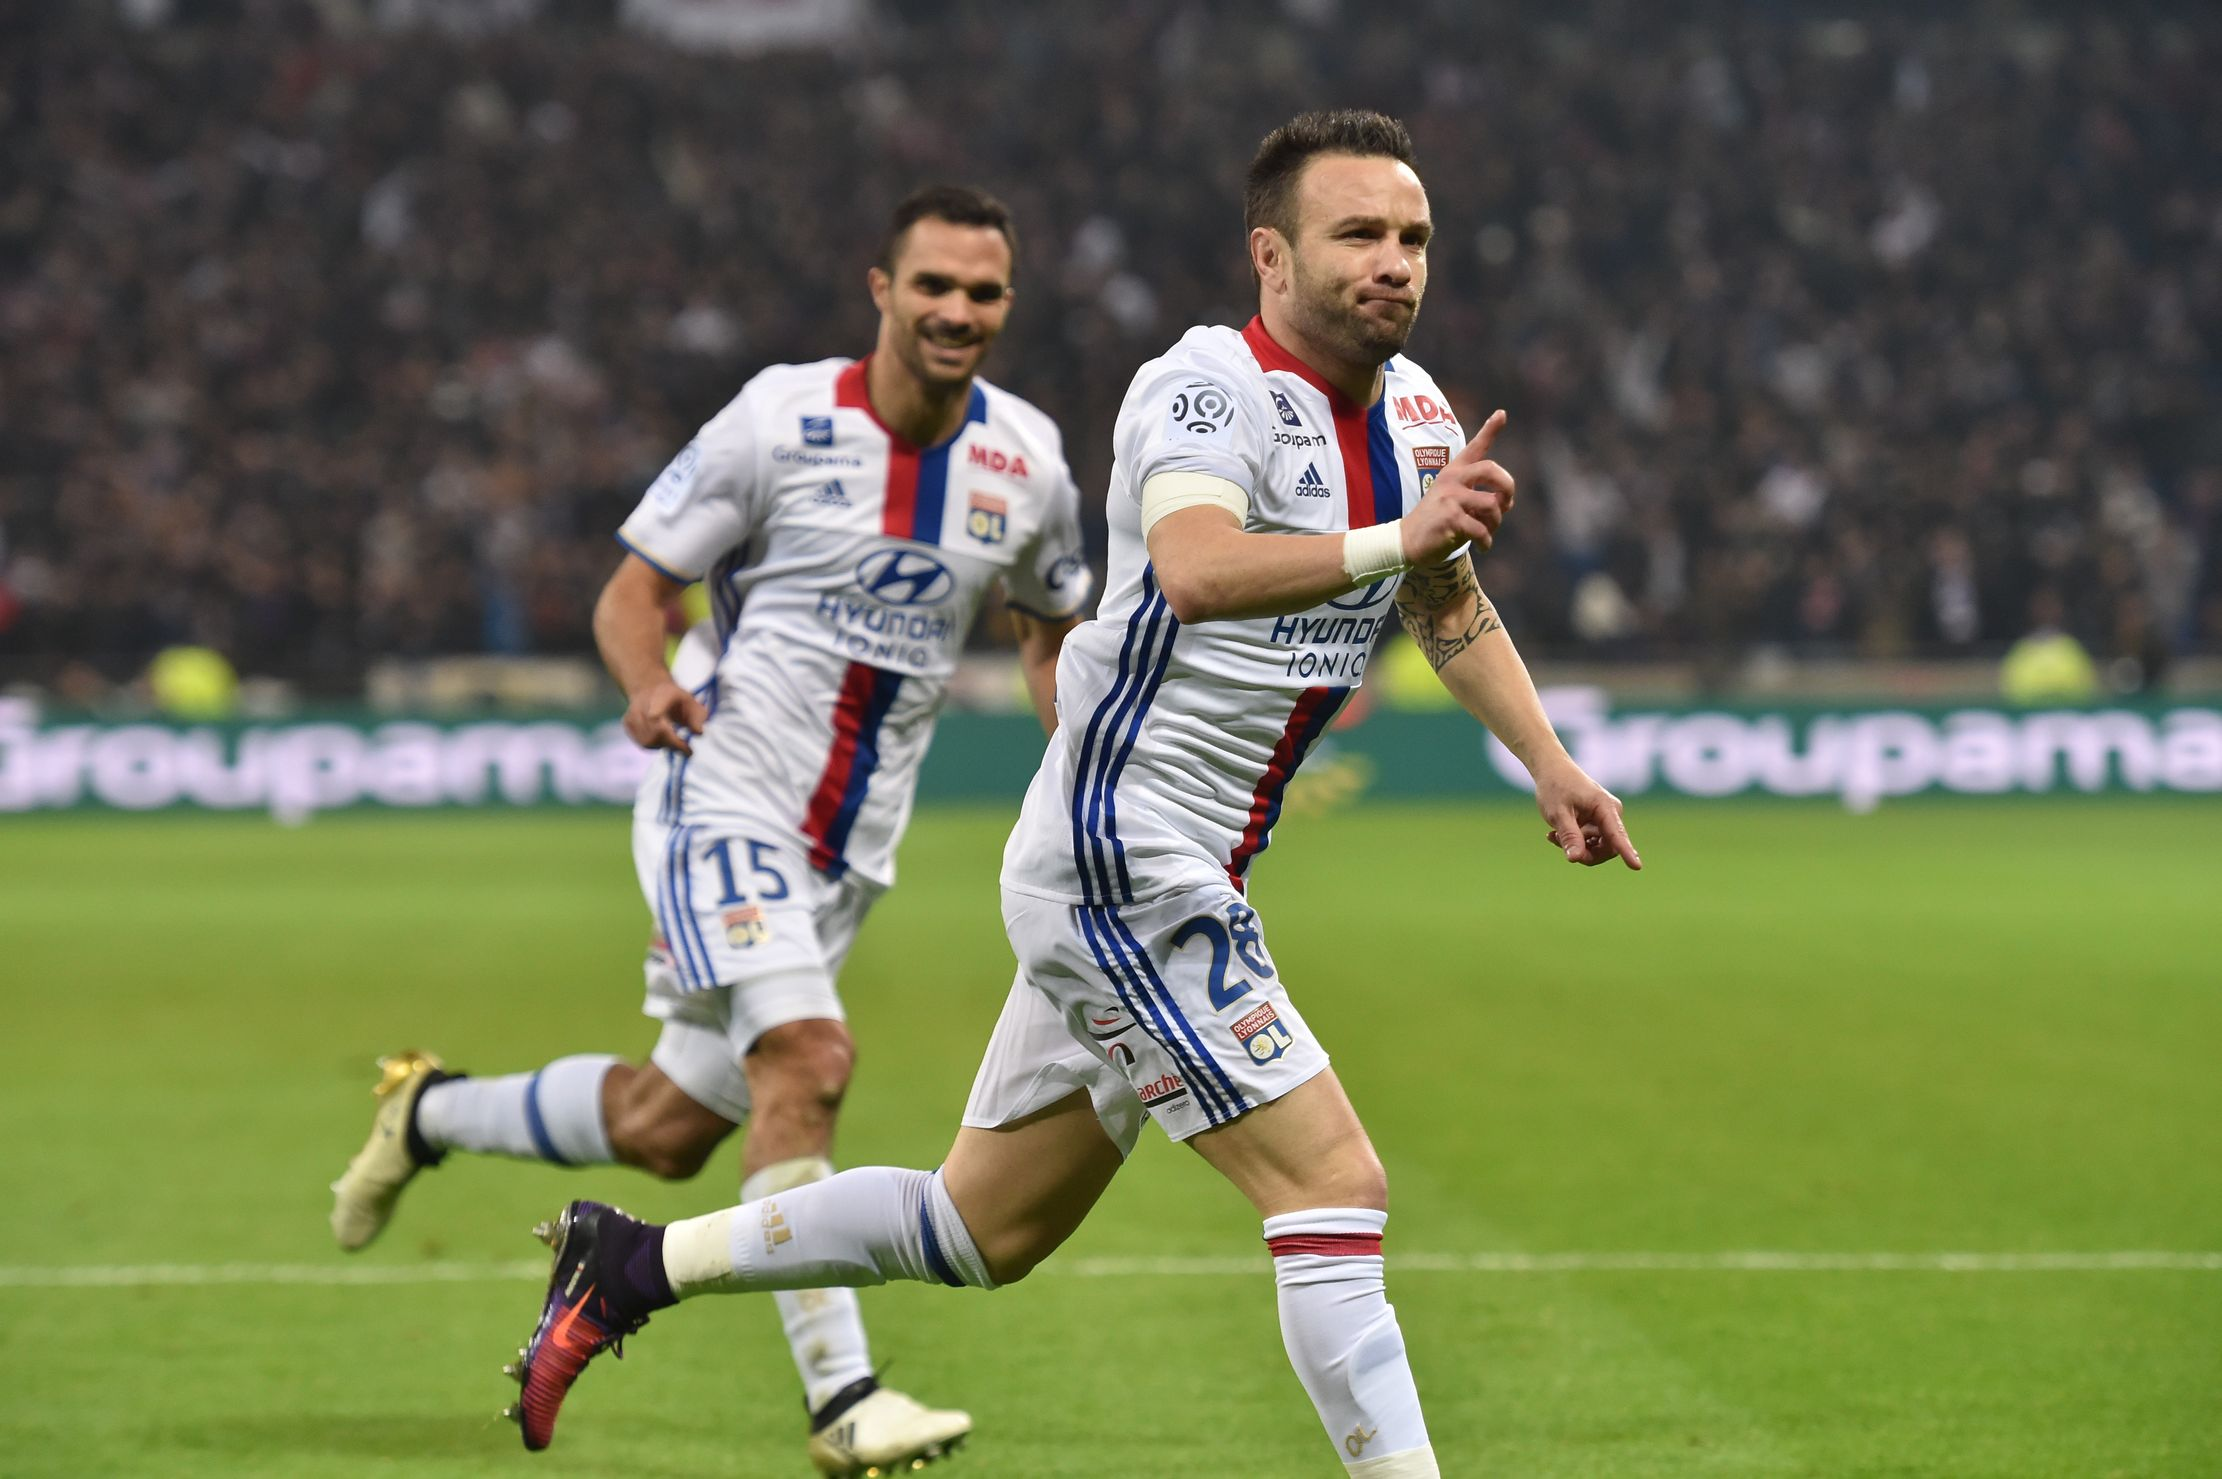 Football - Ligue 1 - Gourcuff, Valbuena, Cavani : les chiffres marquants du week-end de Ligue 1